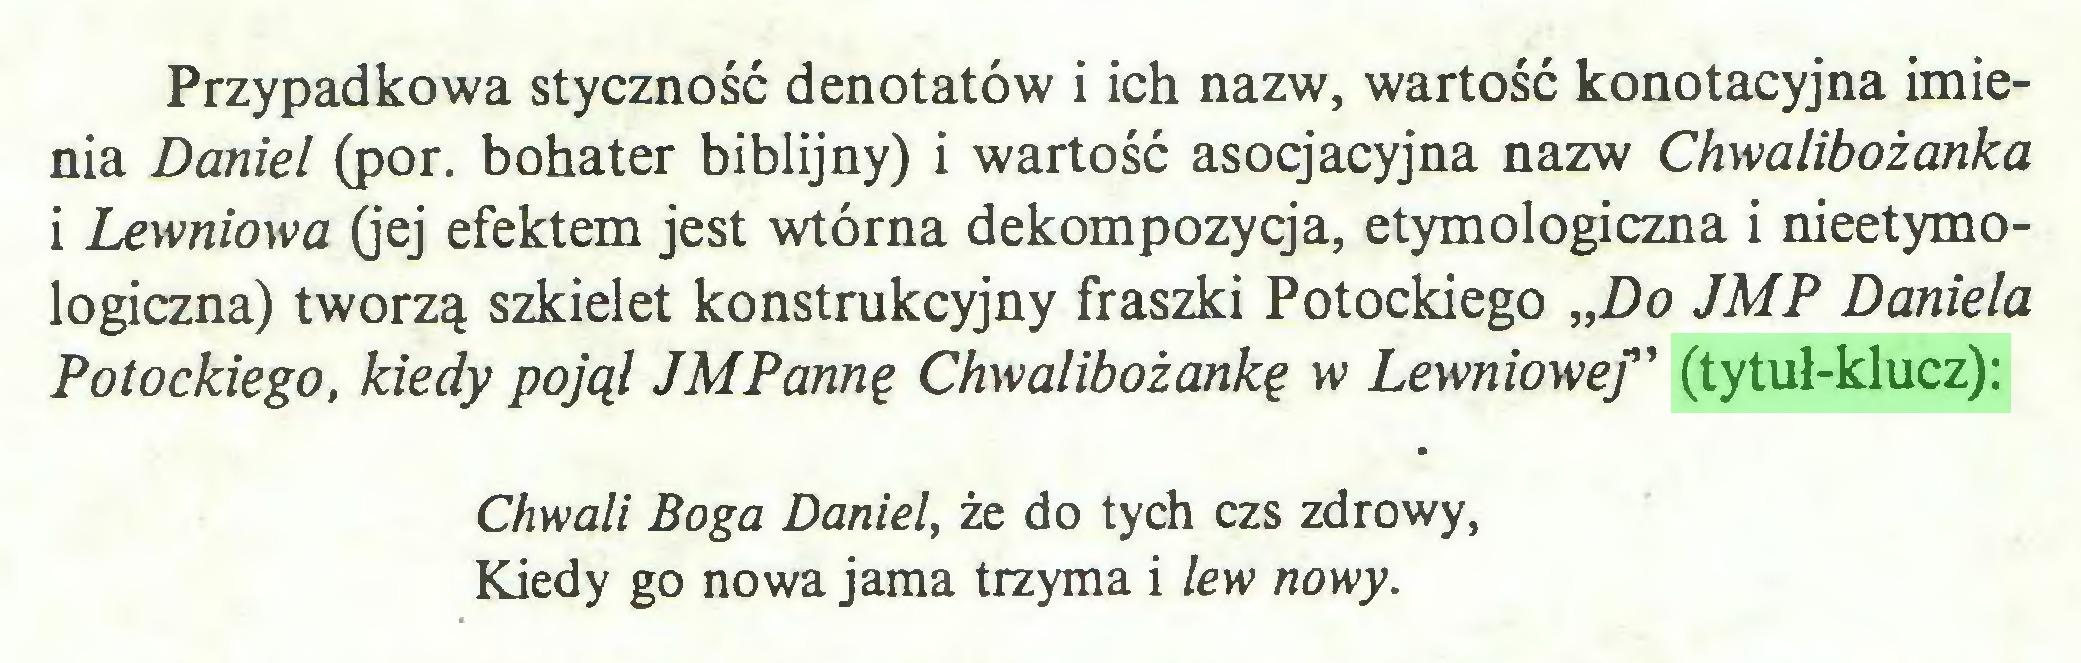 """(...) Przypadkowa styczność denotatów i ich nazw, wartość konotacyjna imienia Daniel (por. bohater biblijny) i wartość asocjacyjna nazw Chwalibożanka i Lewniowa (jej efektem jest wtórna dekompozycja, etymologiczna i nieetymologiczna) tworzą szkielet konstrukcyjny fraszki Potockiego """"Do JMP Daniela Potockiego, kiedy pojął JMPannę Chwalibożankę w Lewniowef ' (tytuł-klucz): Chwali Boga Daniel, że do tych czs zdrowy, Kiedy go nowa jama trzyma i lew nowy..."""